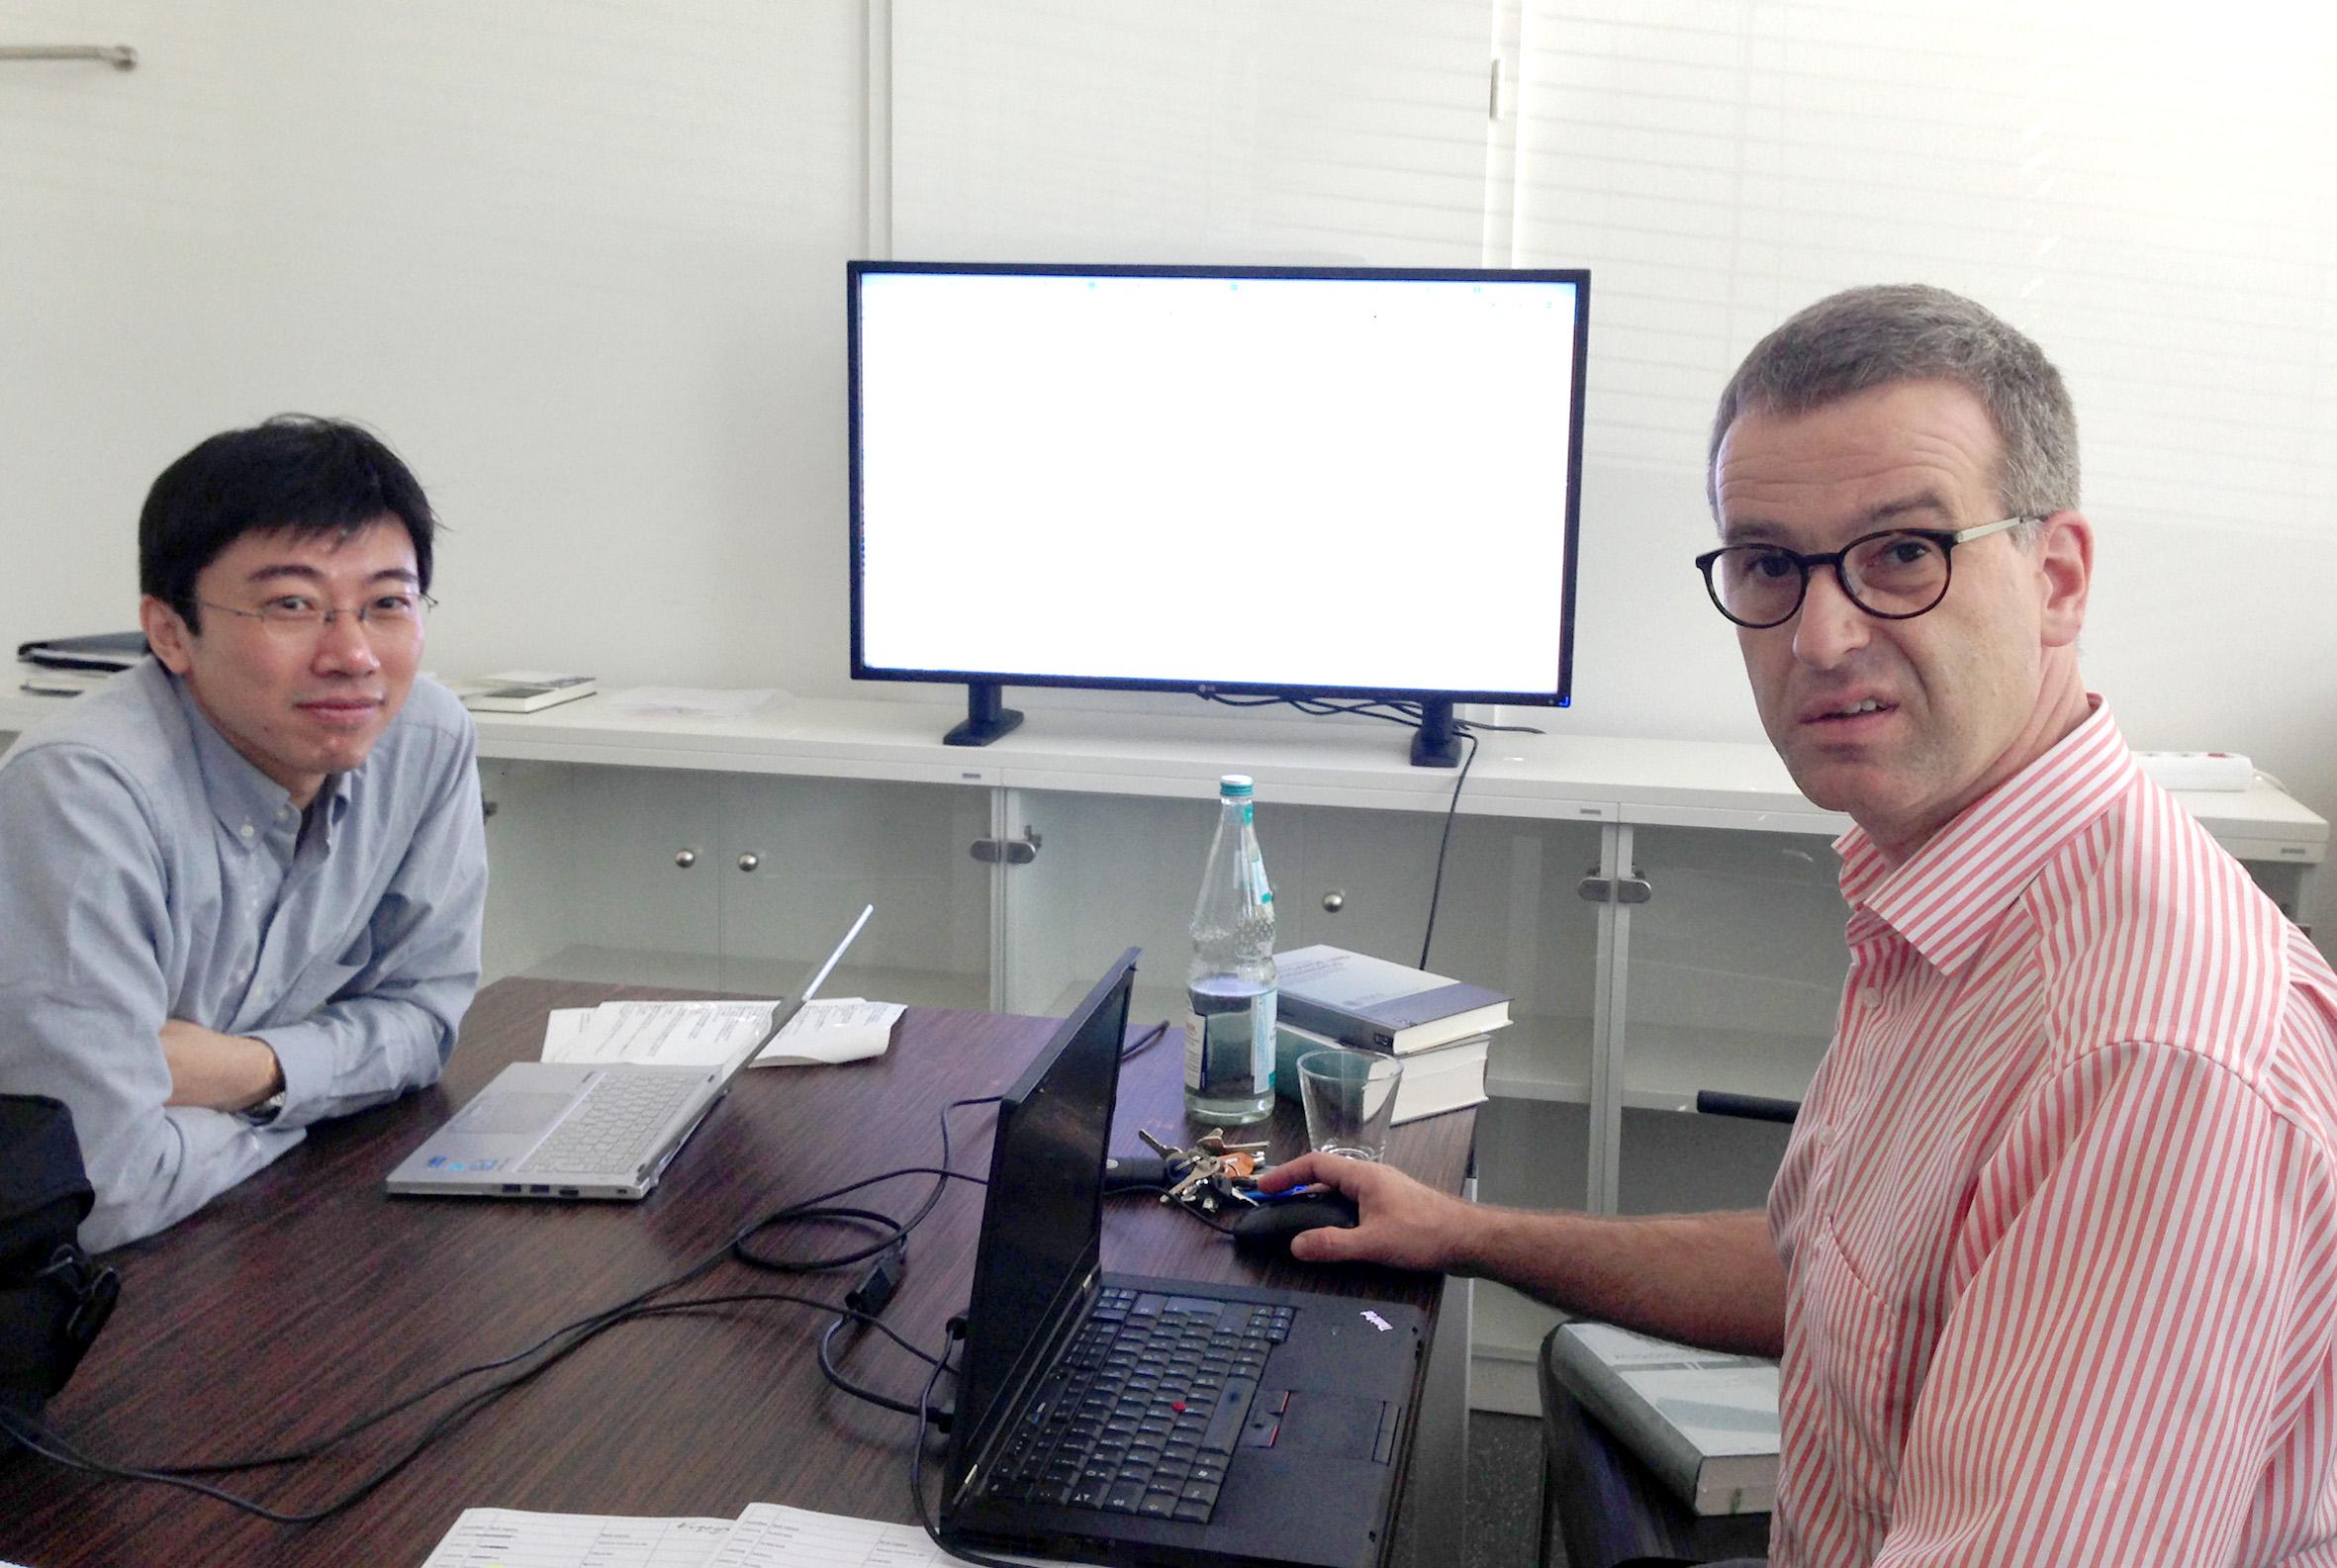 Cai Dapeng and Carsten Dose